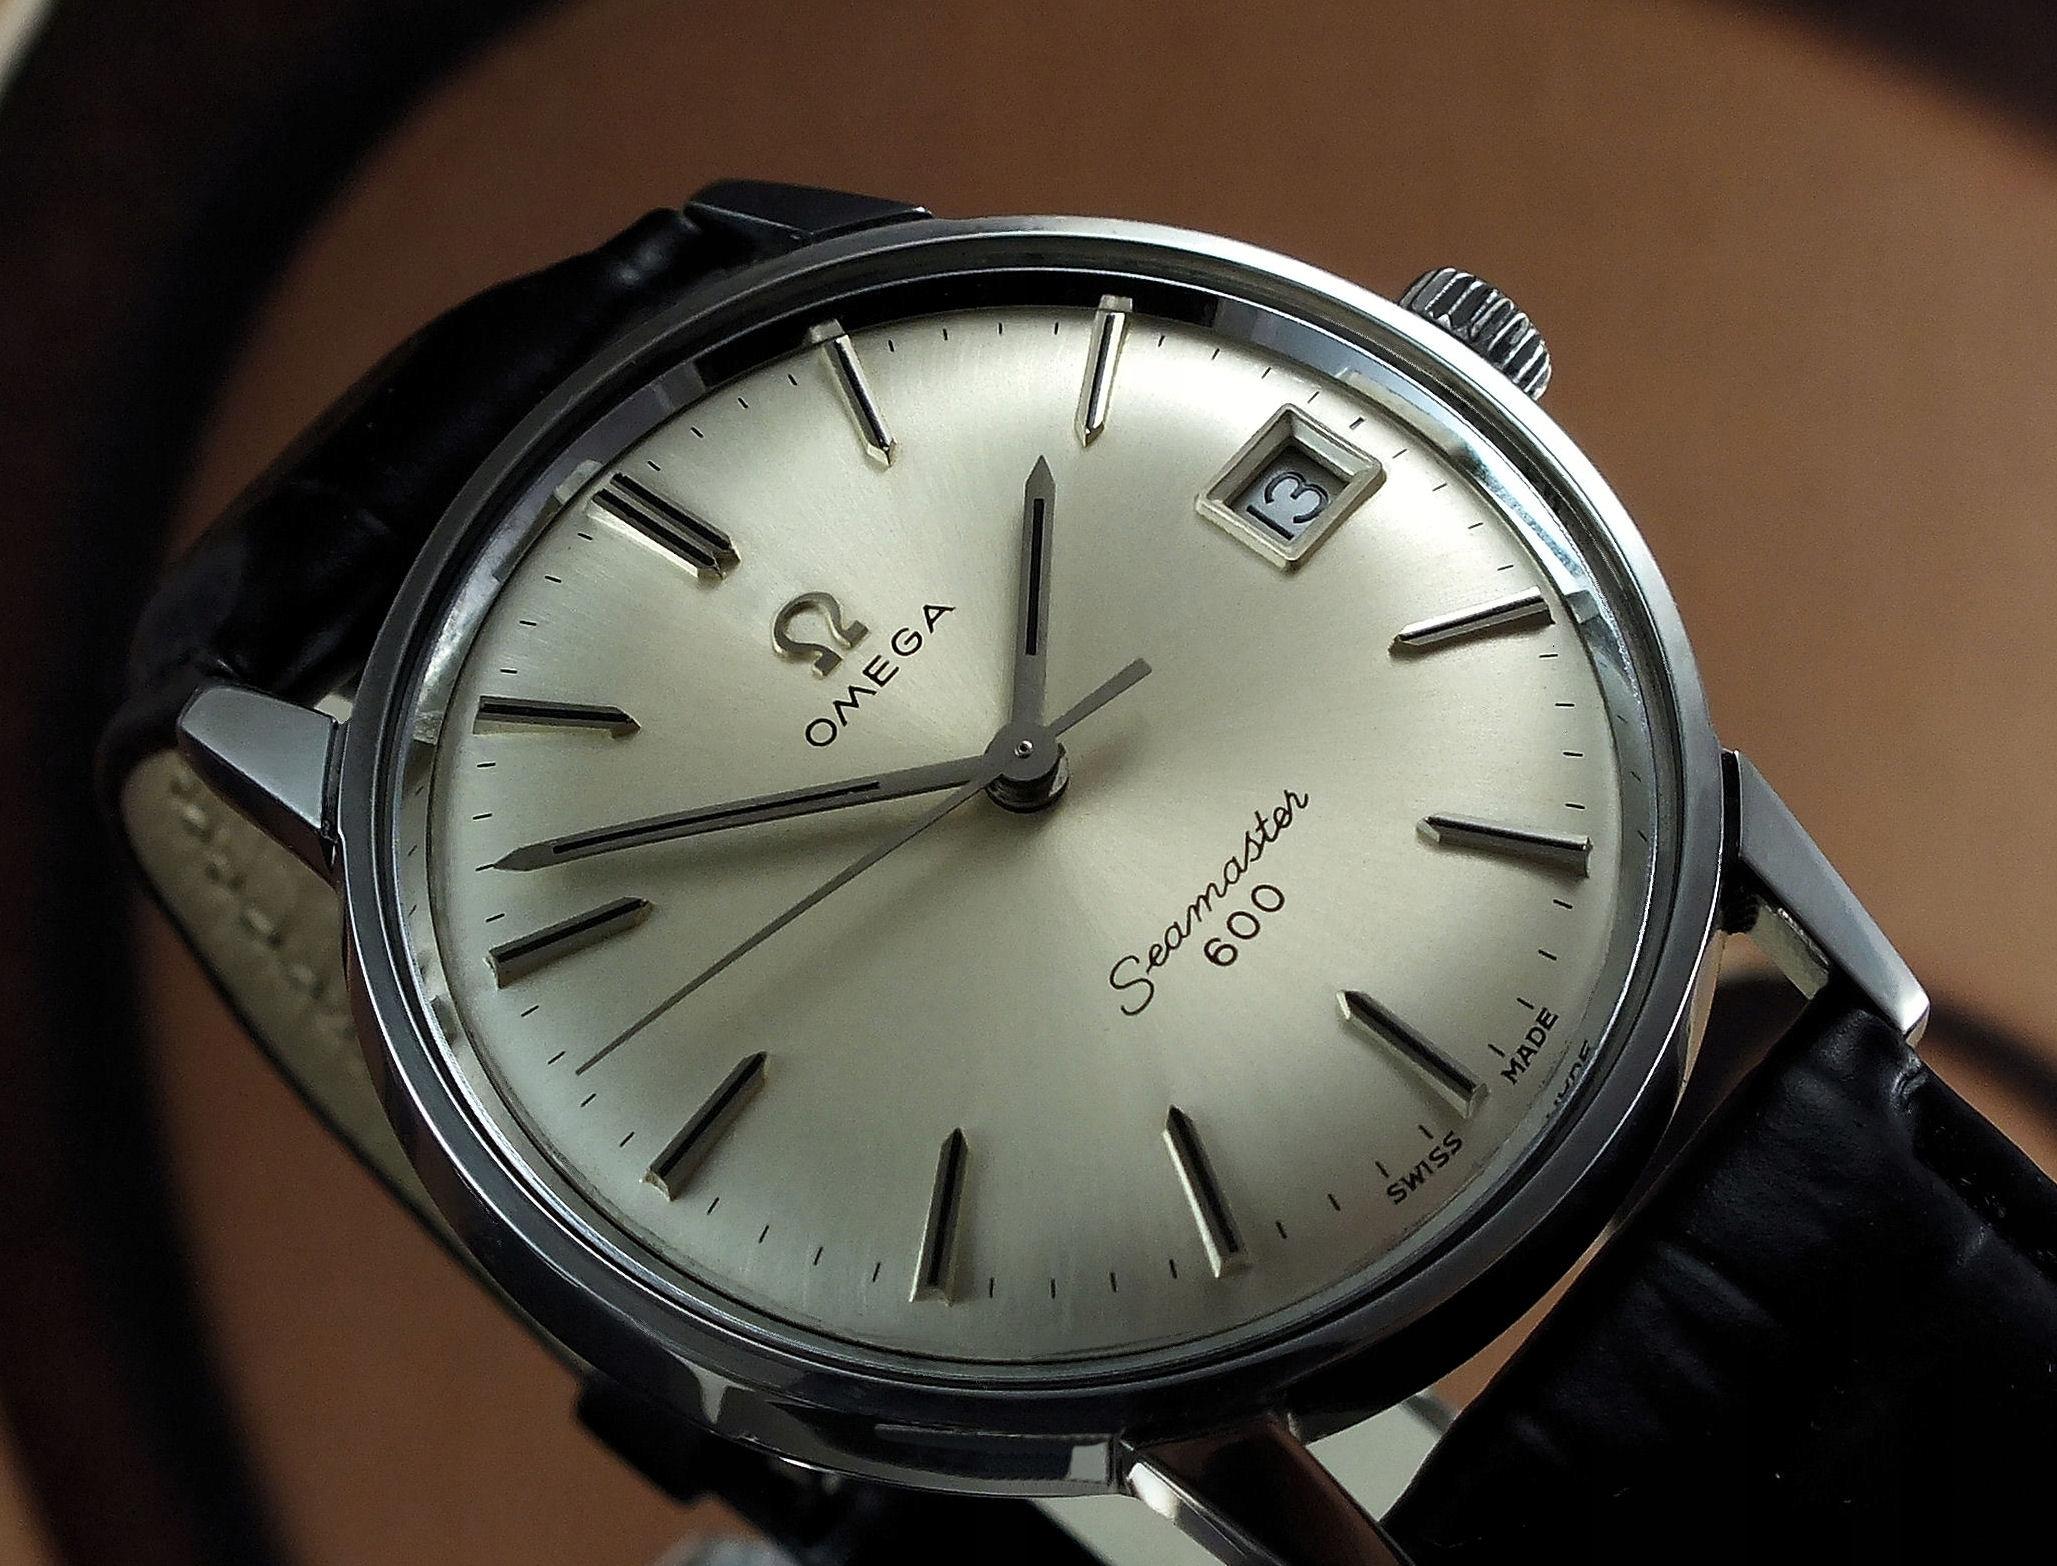 Zegarek Omega Seamaster 600 naręczny oryginał bcm